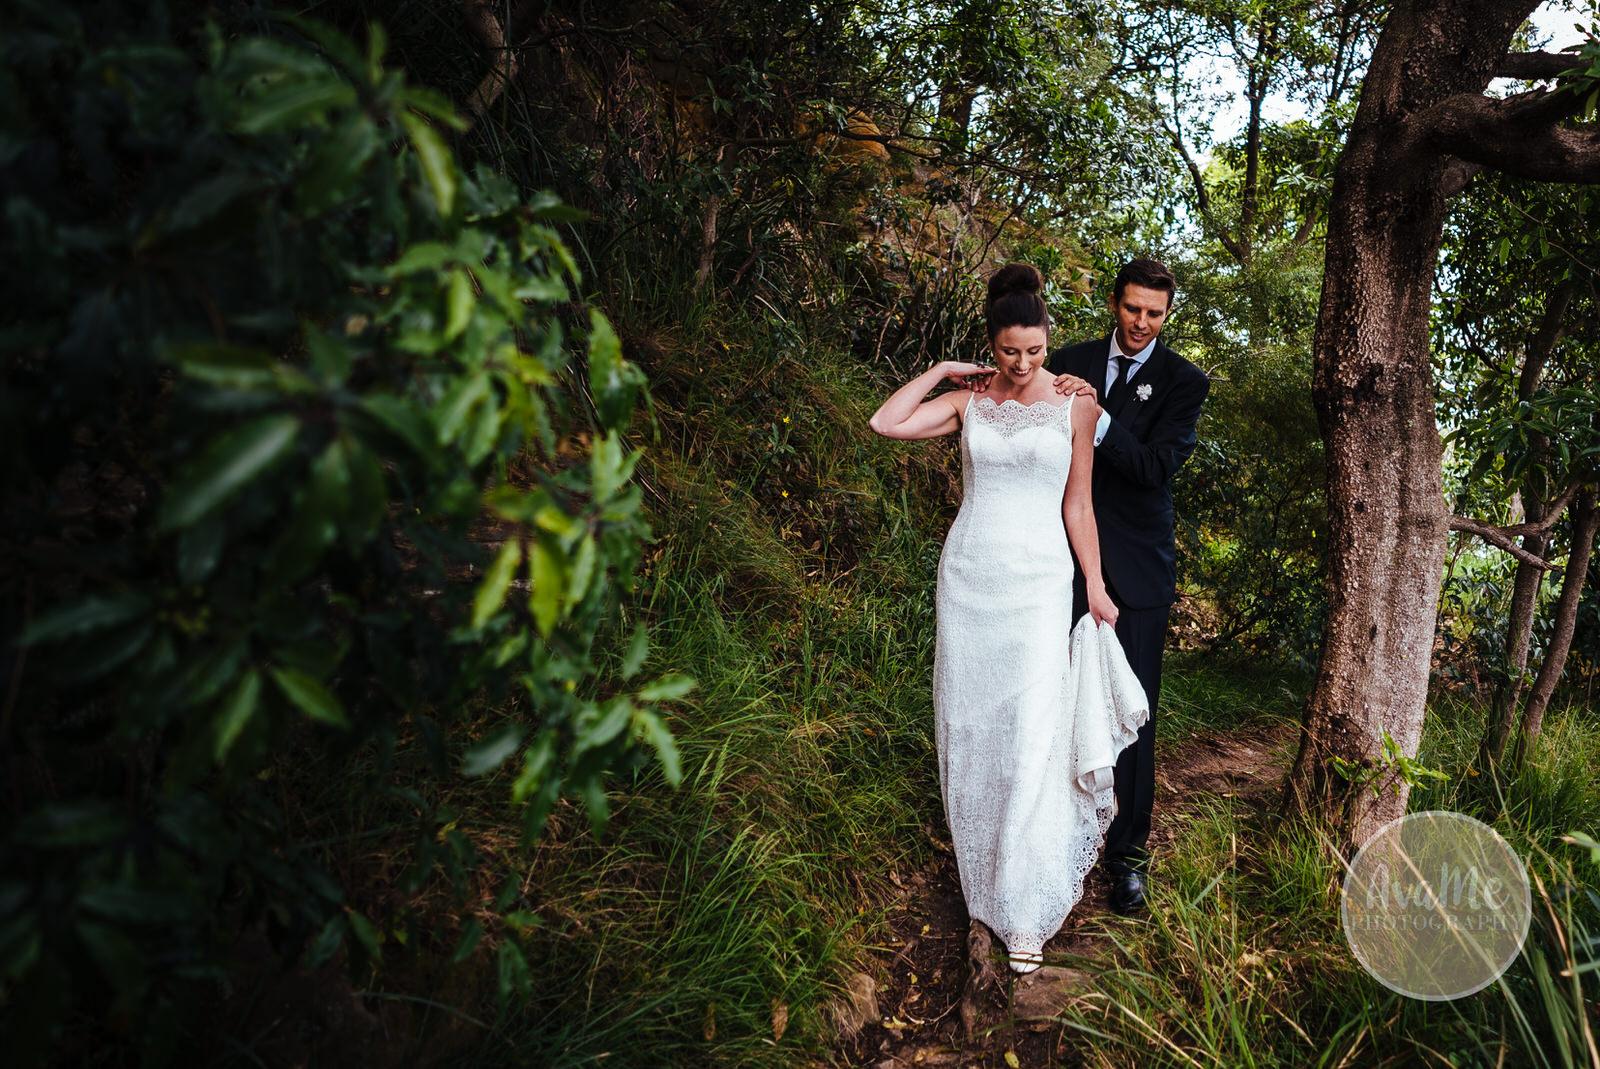 addy_matt_wedding_greenwich_sailing_club-173